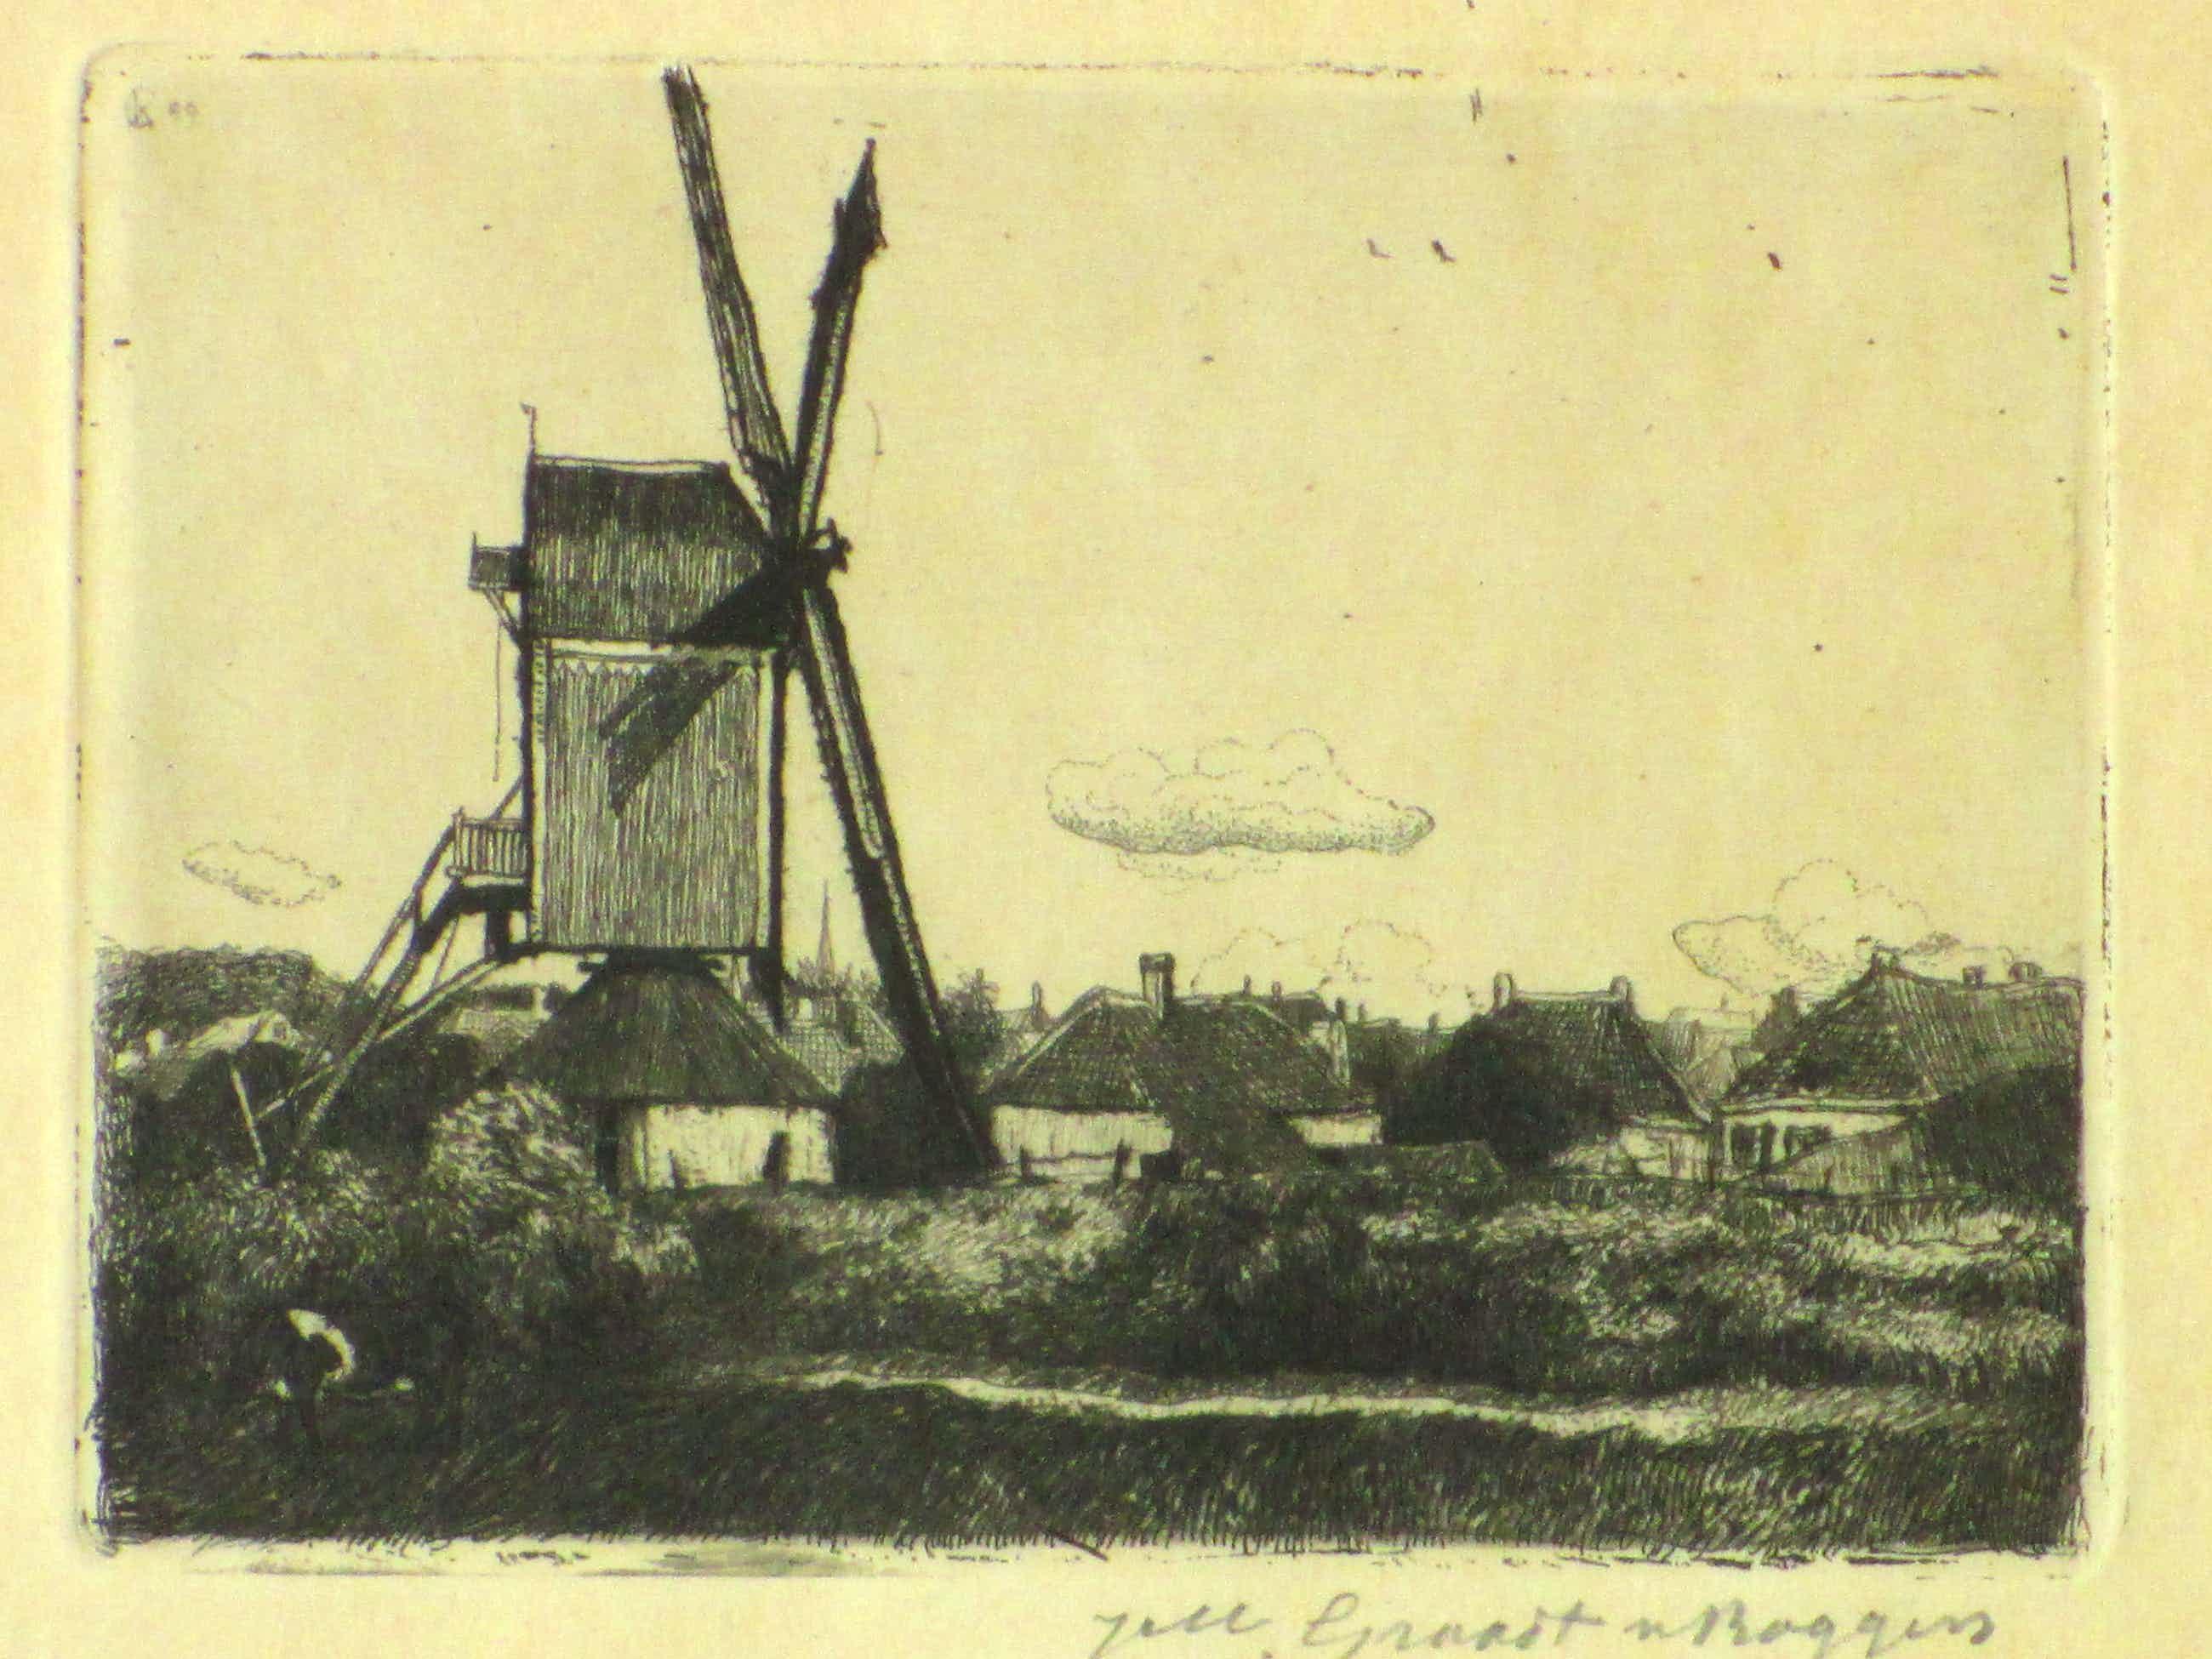 Johannes Graadt van Roggen - Gezicht op Grave met molen - Ets kopen? Bied vanaf 60!